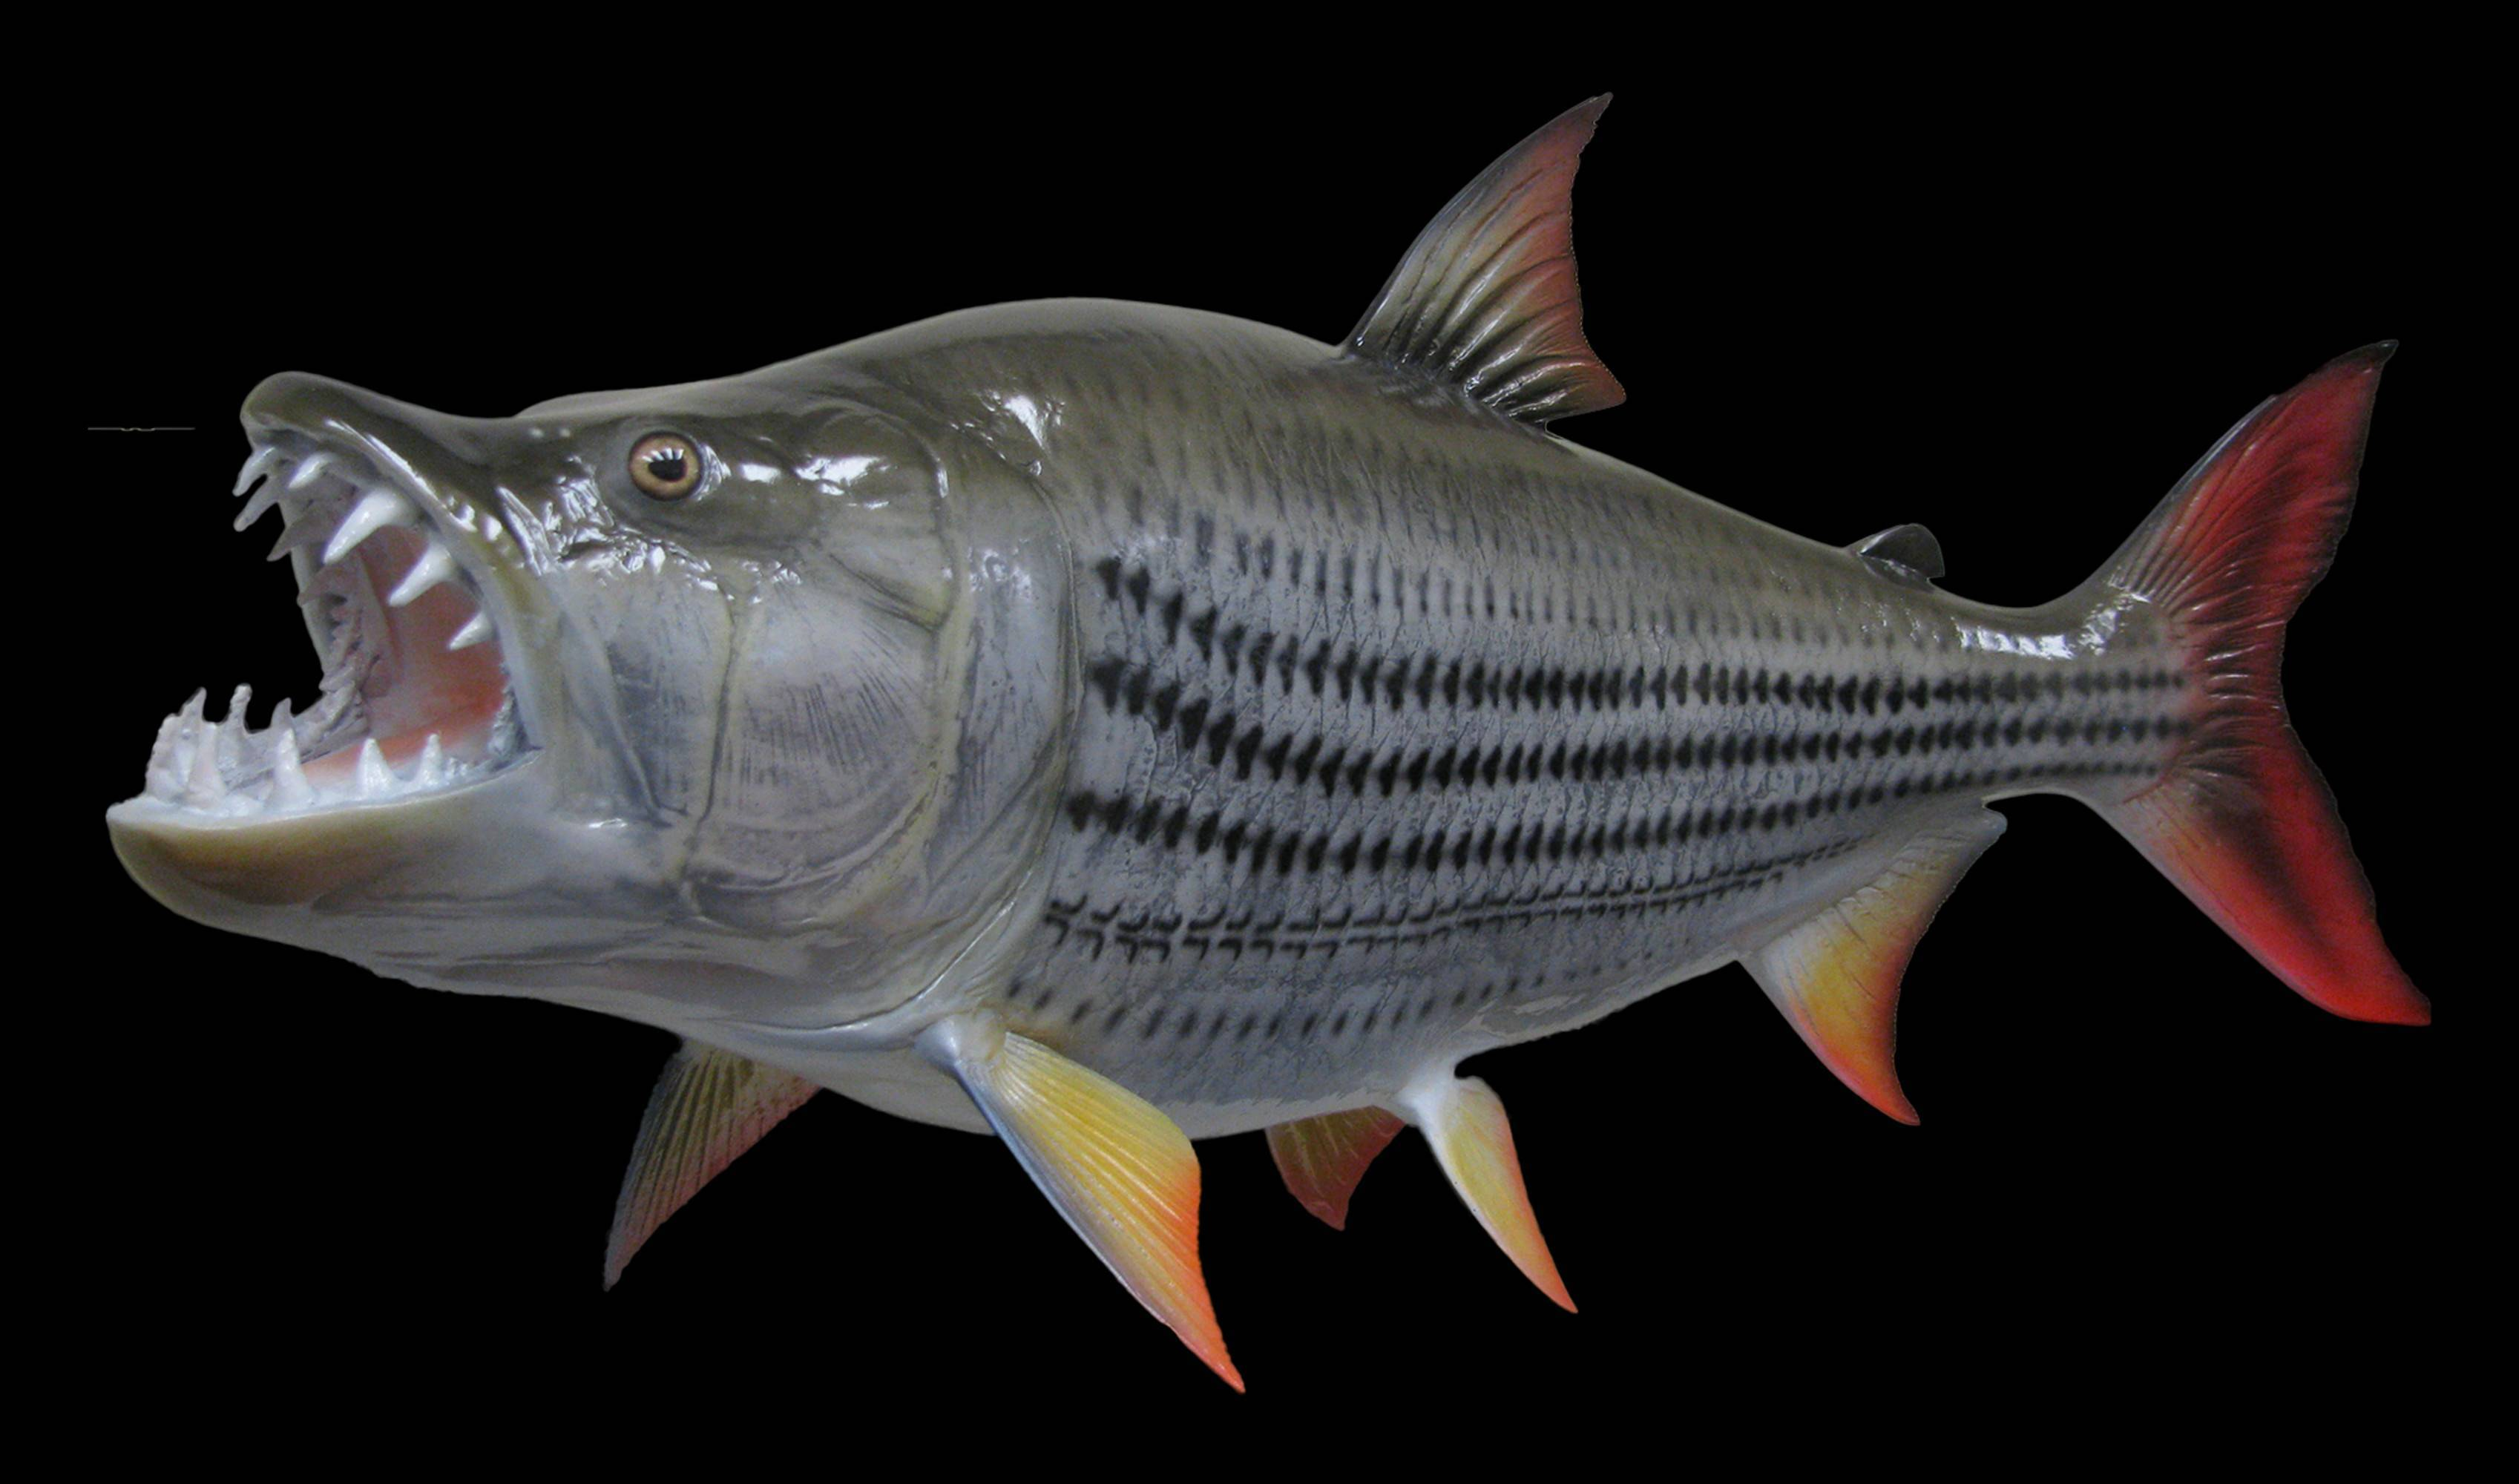 Рыба «Тигровая рыба африканская большая» фото и описание